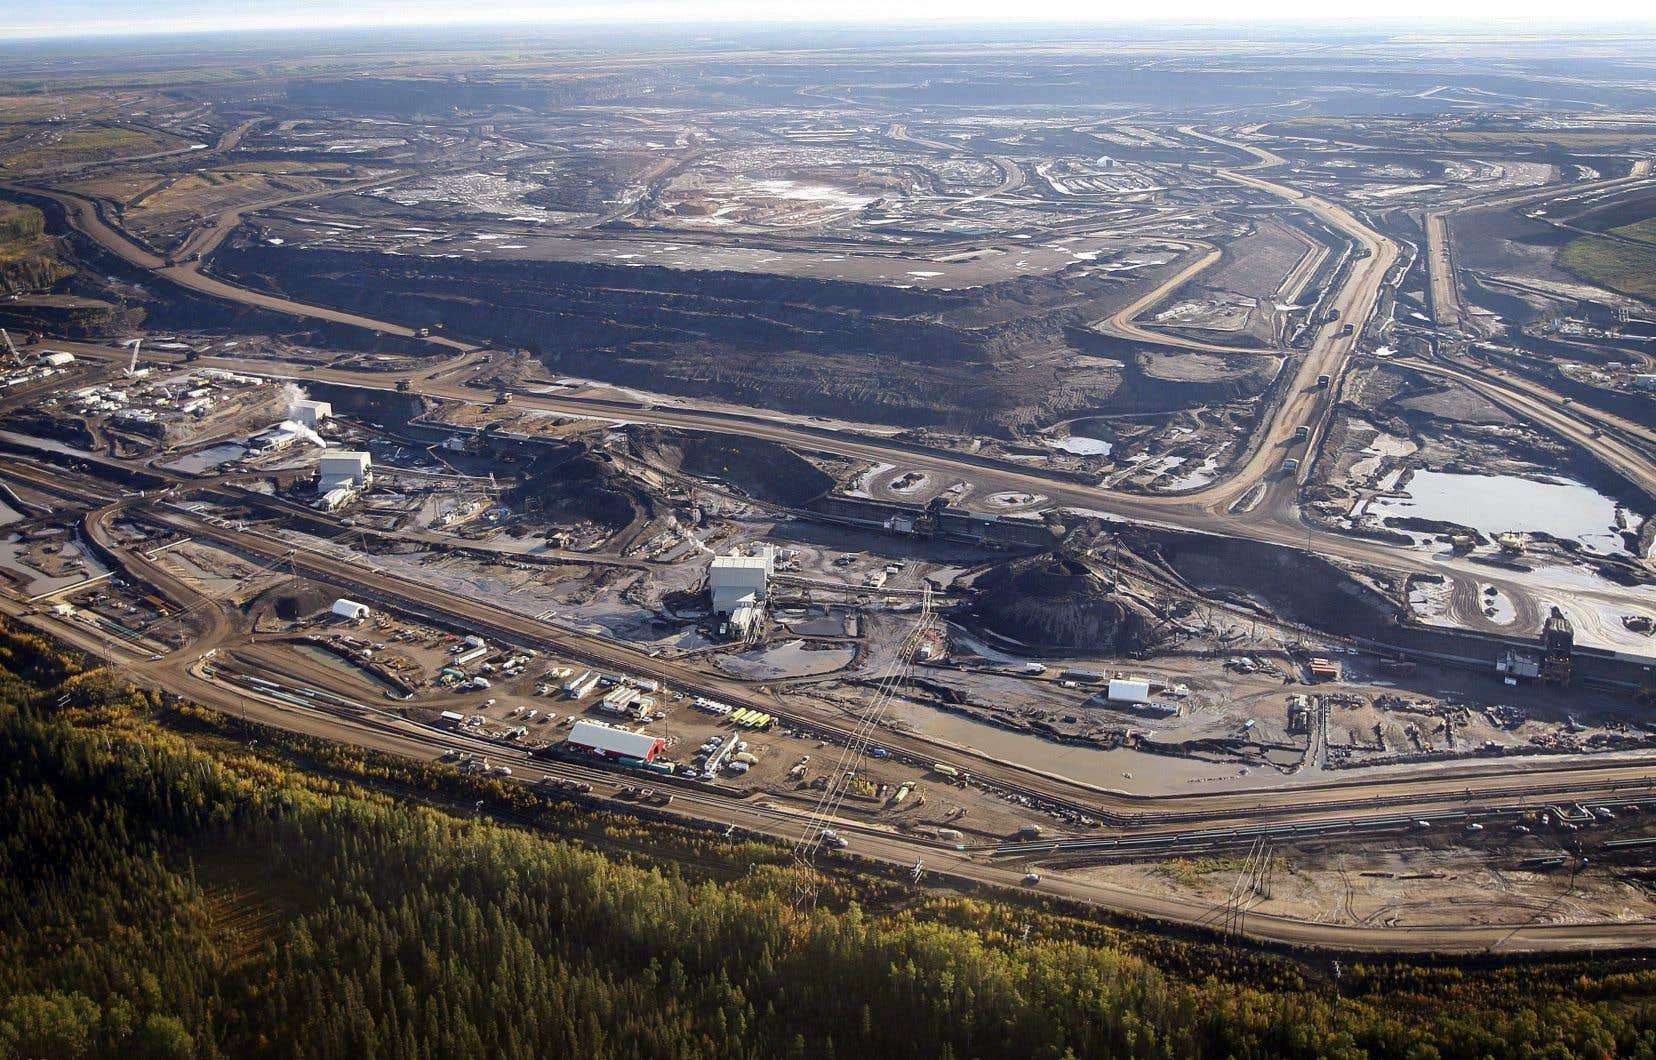 Les entreprises qui possèdent des raffineries ou des usines de valorisation des sables bitumineux devraient aussi en bénéficier, car les nouvelles normes vont entraîner une hausse de la demande pour ces combustibles à faible teneur en soufre.